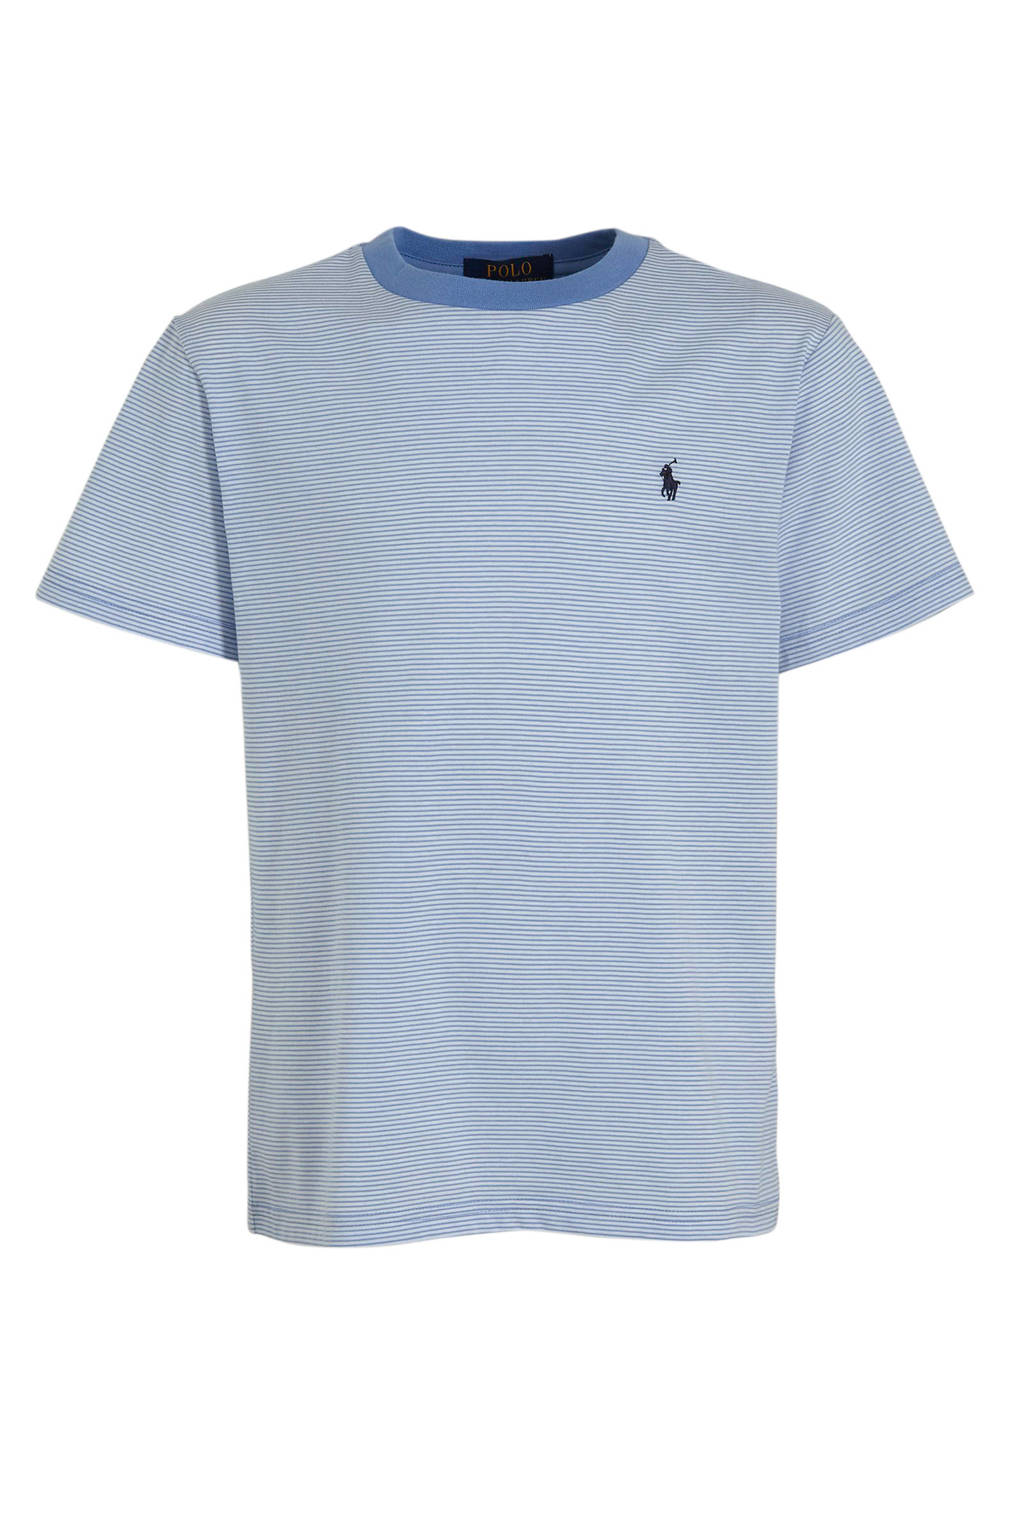 POLO Ralph Lauren gestreept T-shirt lichtblauw/wit, Lichtblauw/wit